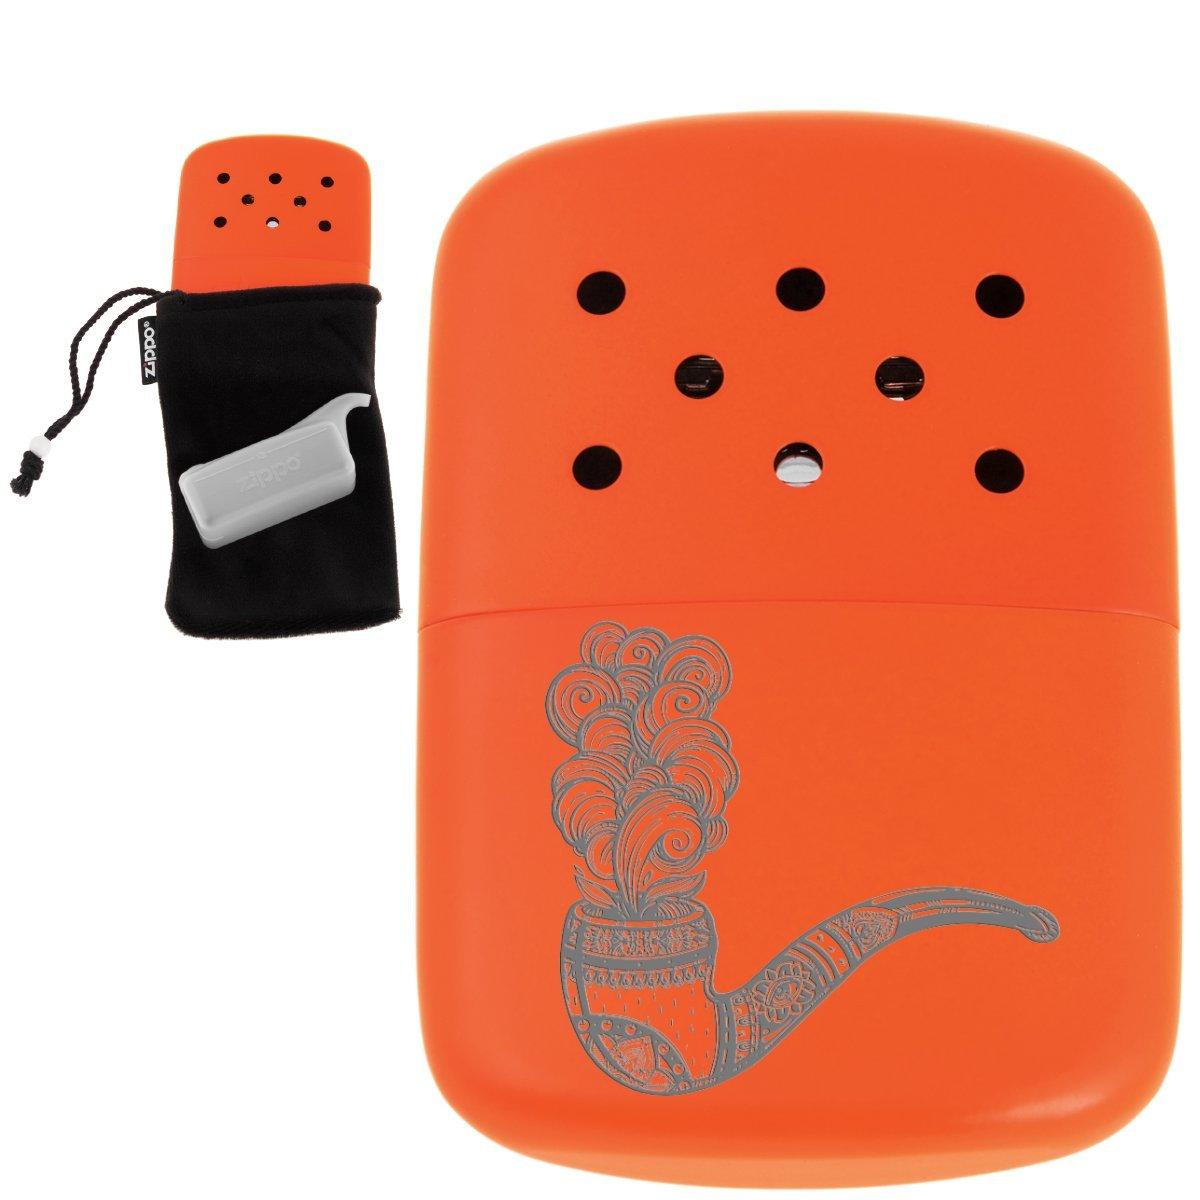 Pomarańczowy oryginalny kieszonkowy ogrzewacz benzynowy ZIPPO + Grawer